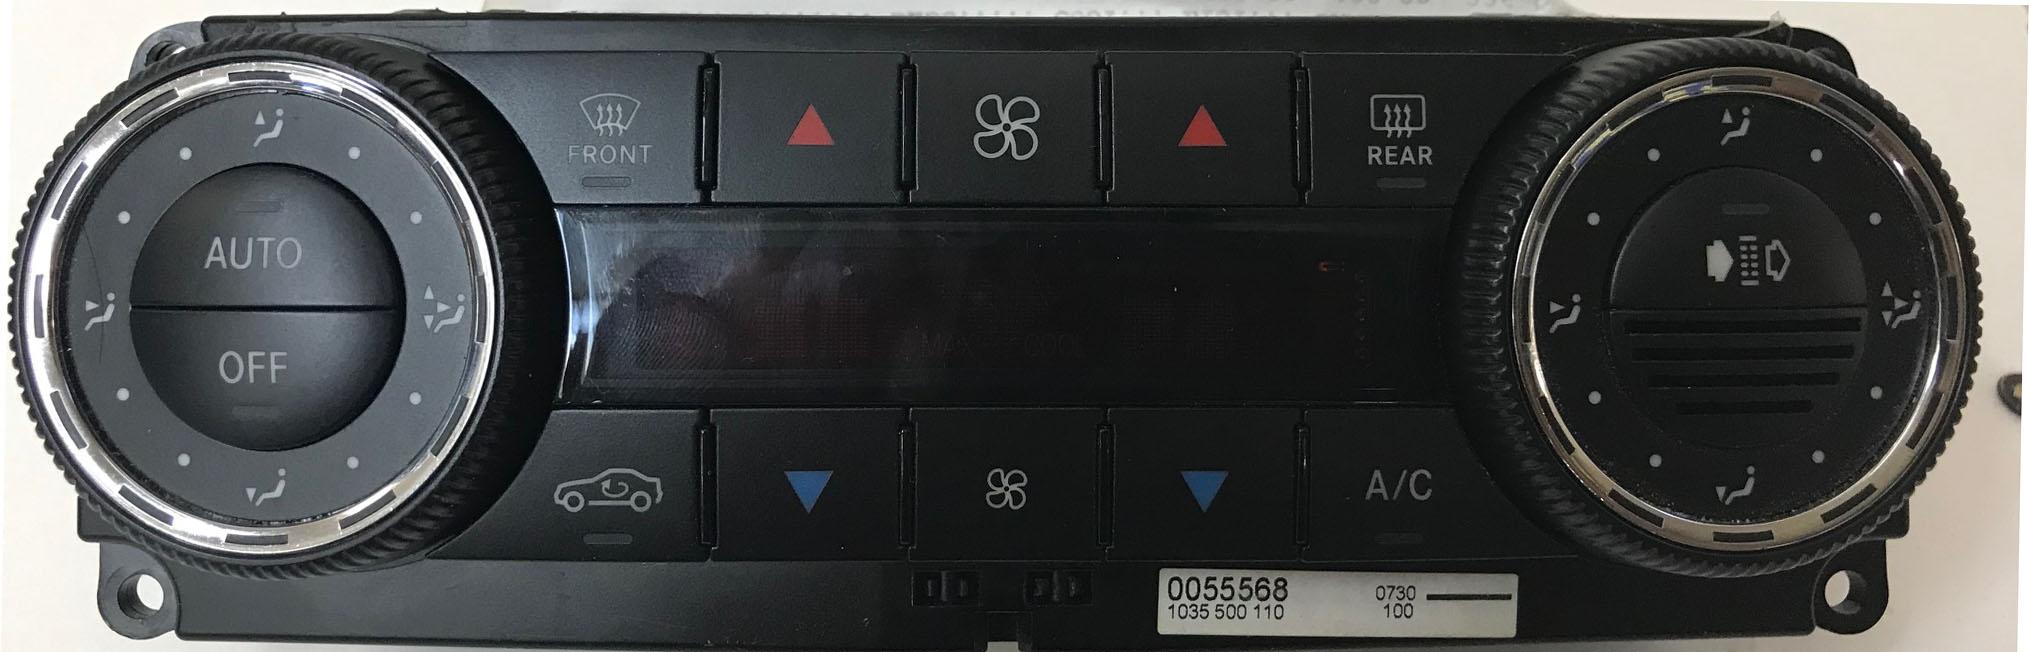 Mercedes Climate Control Unit 203 830 46 85